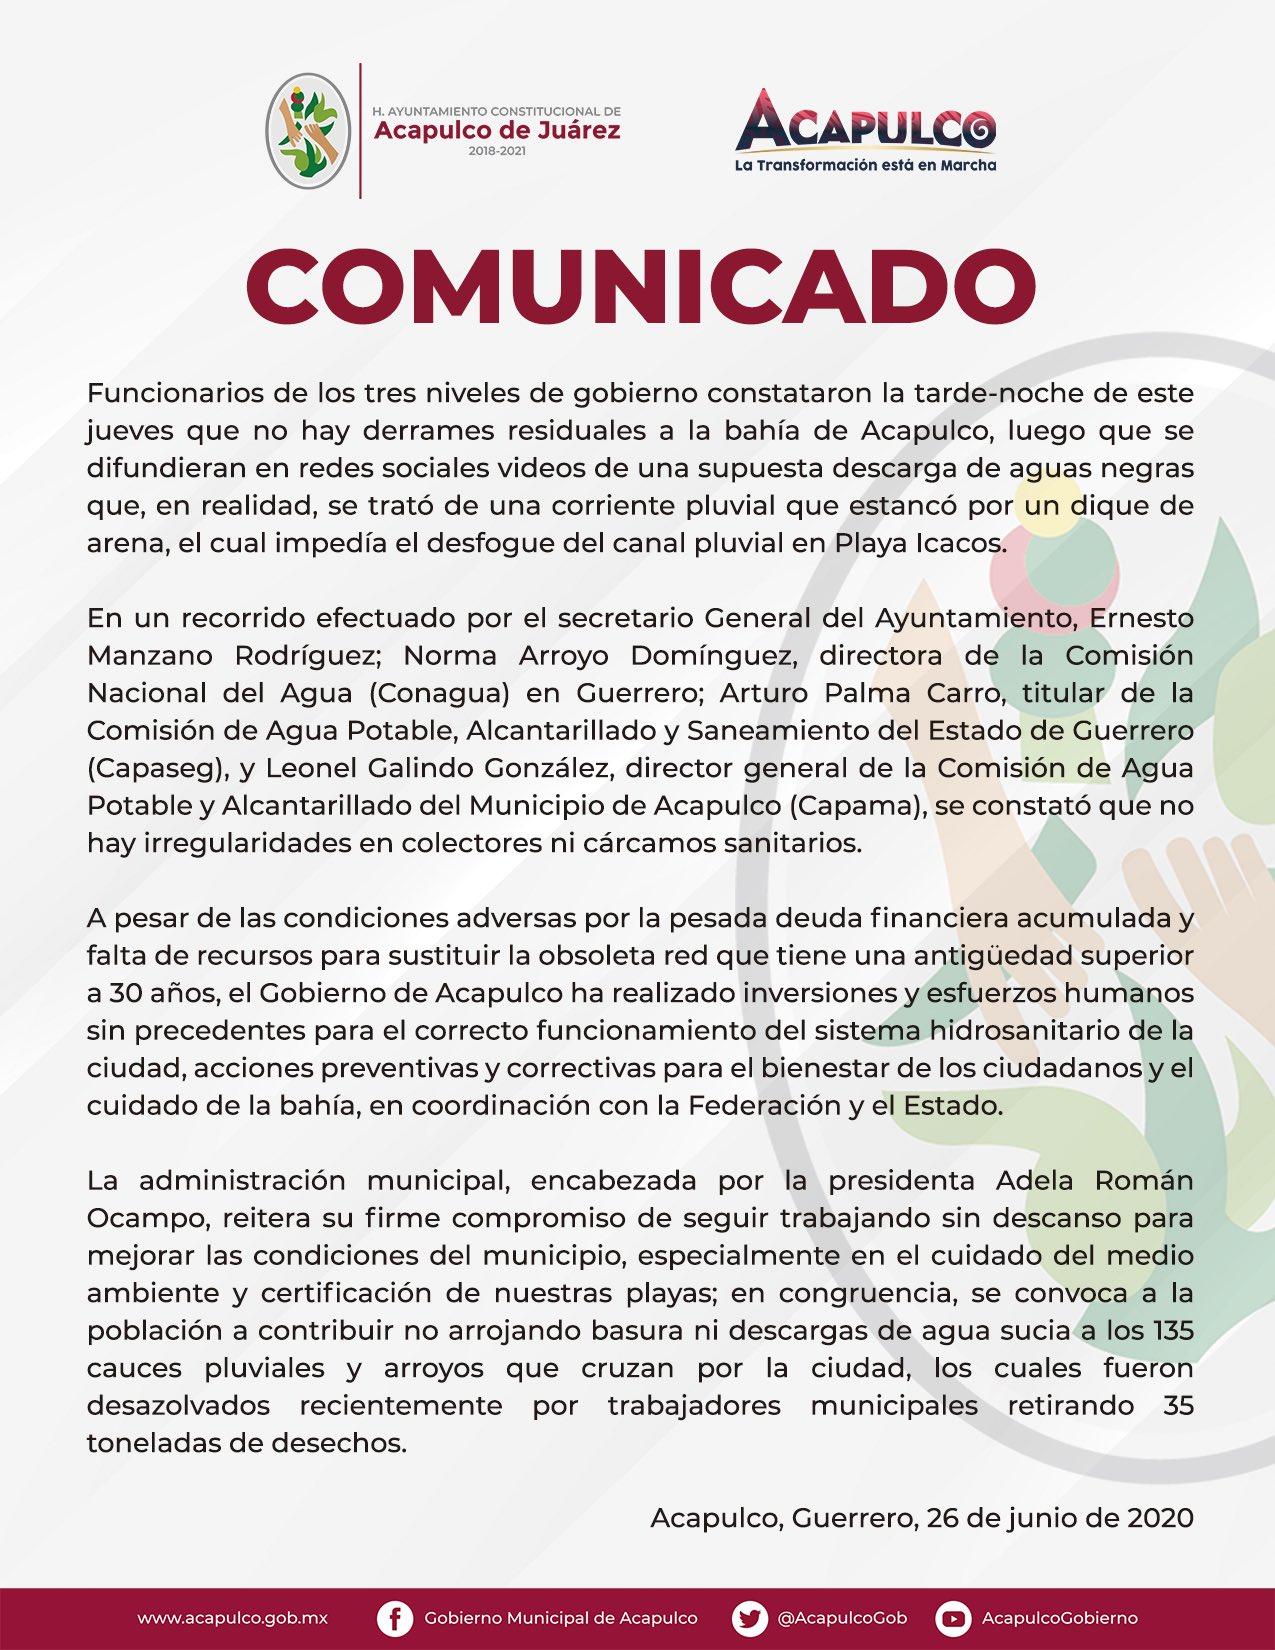 No hay derrames de aguas negras en bahía de Acapulco, confirman autoridades